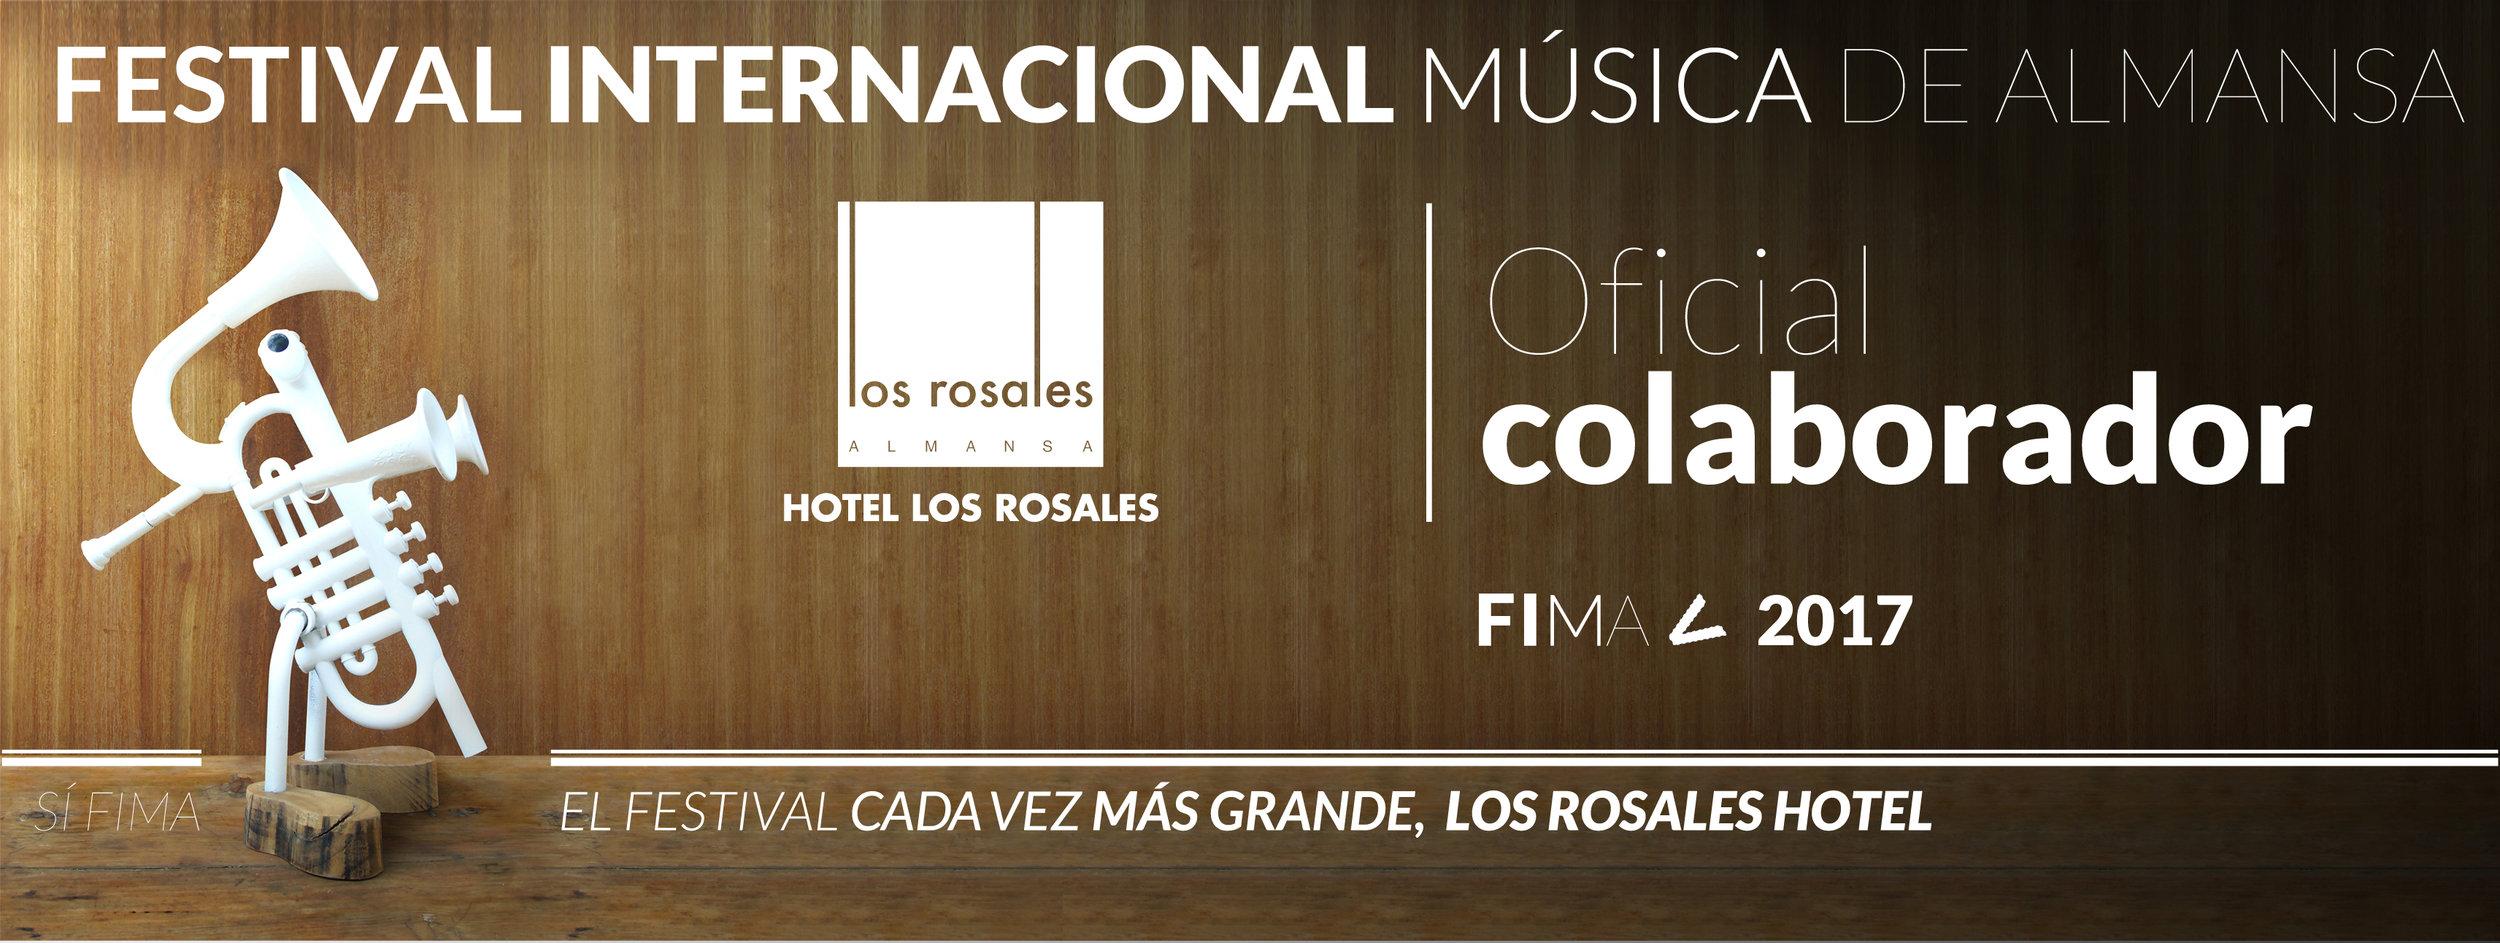 fima_15_col_los_rosales.jpg